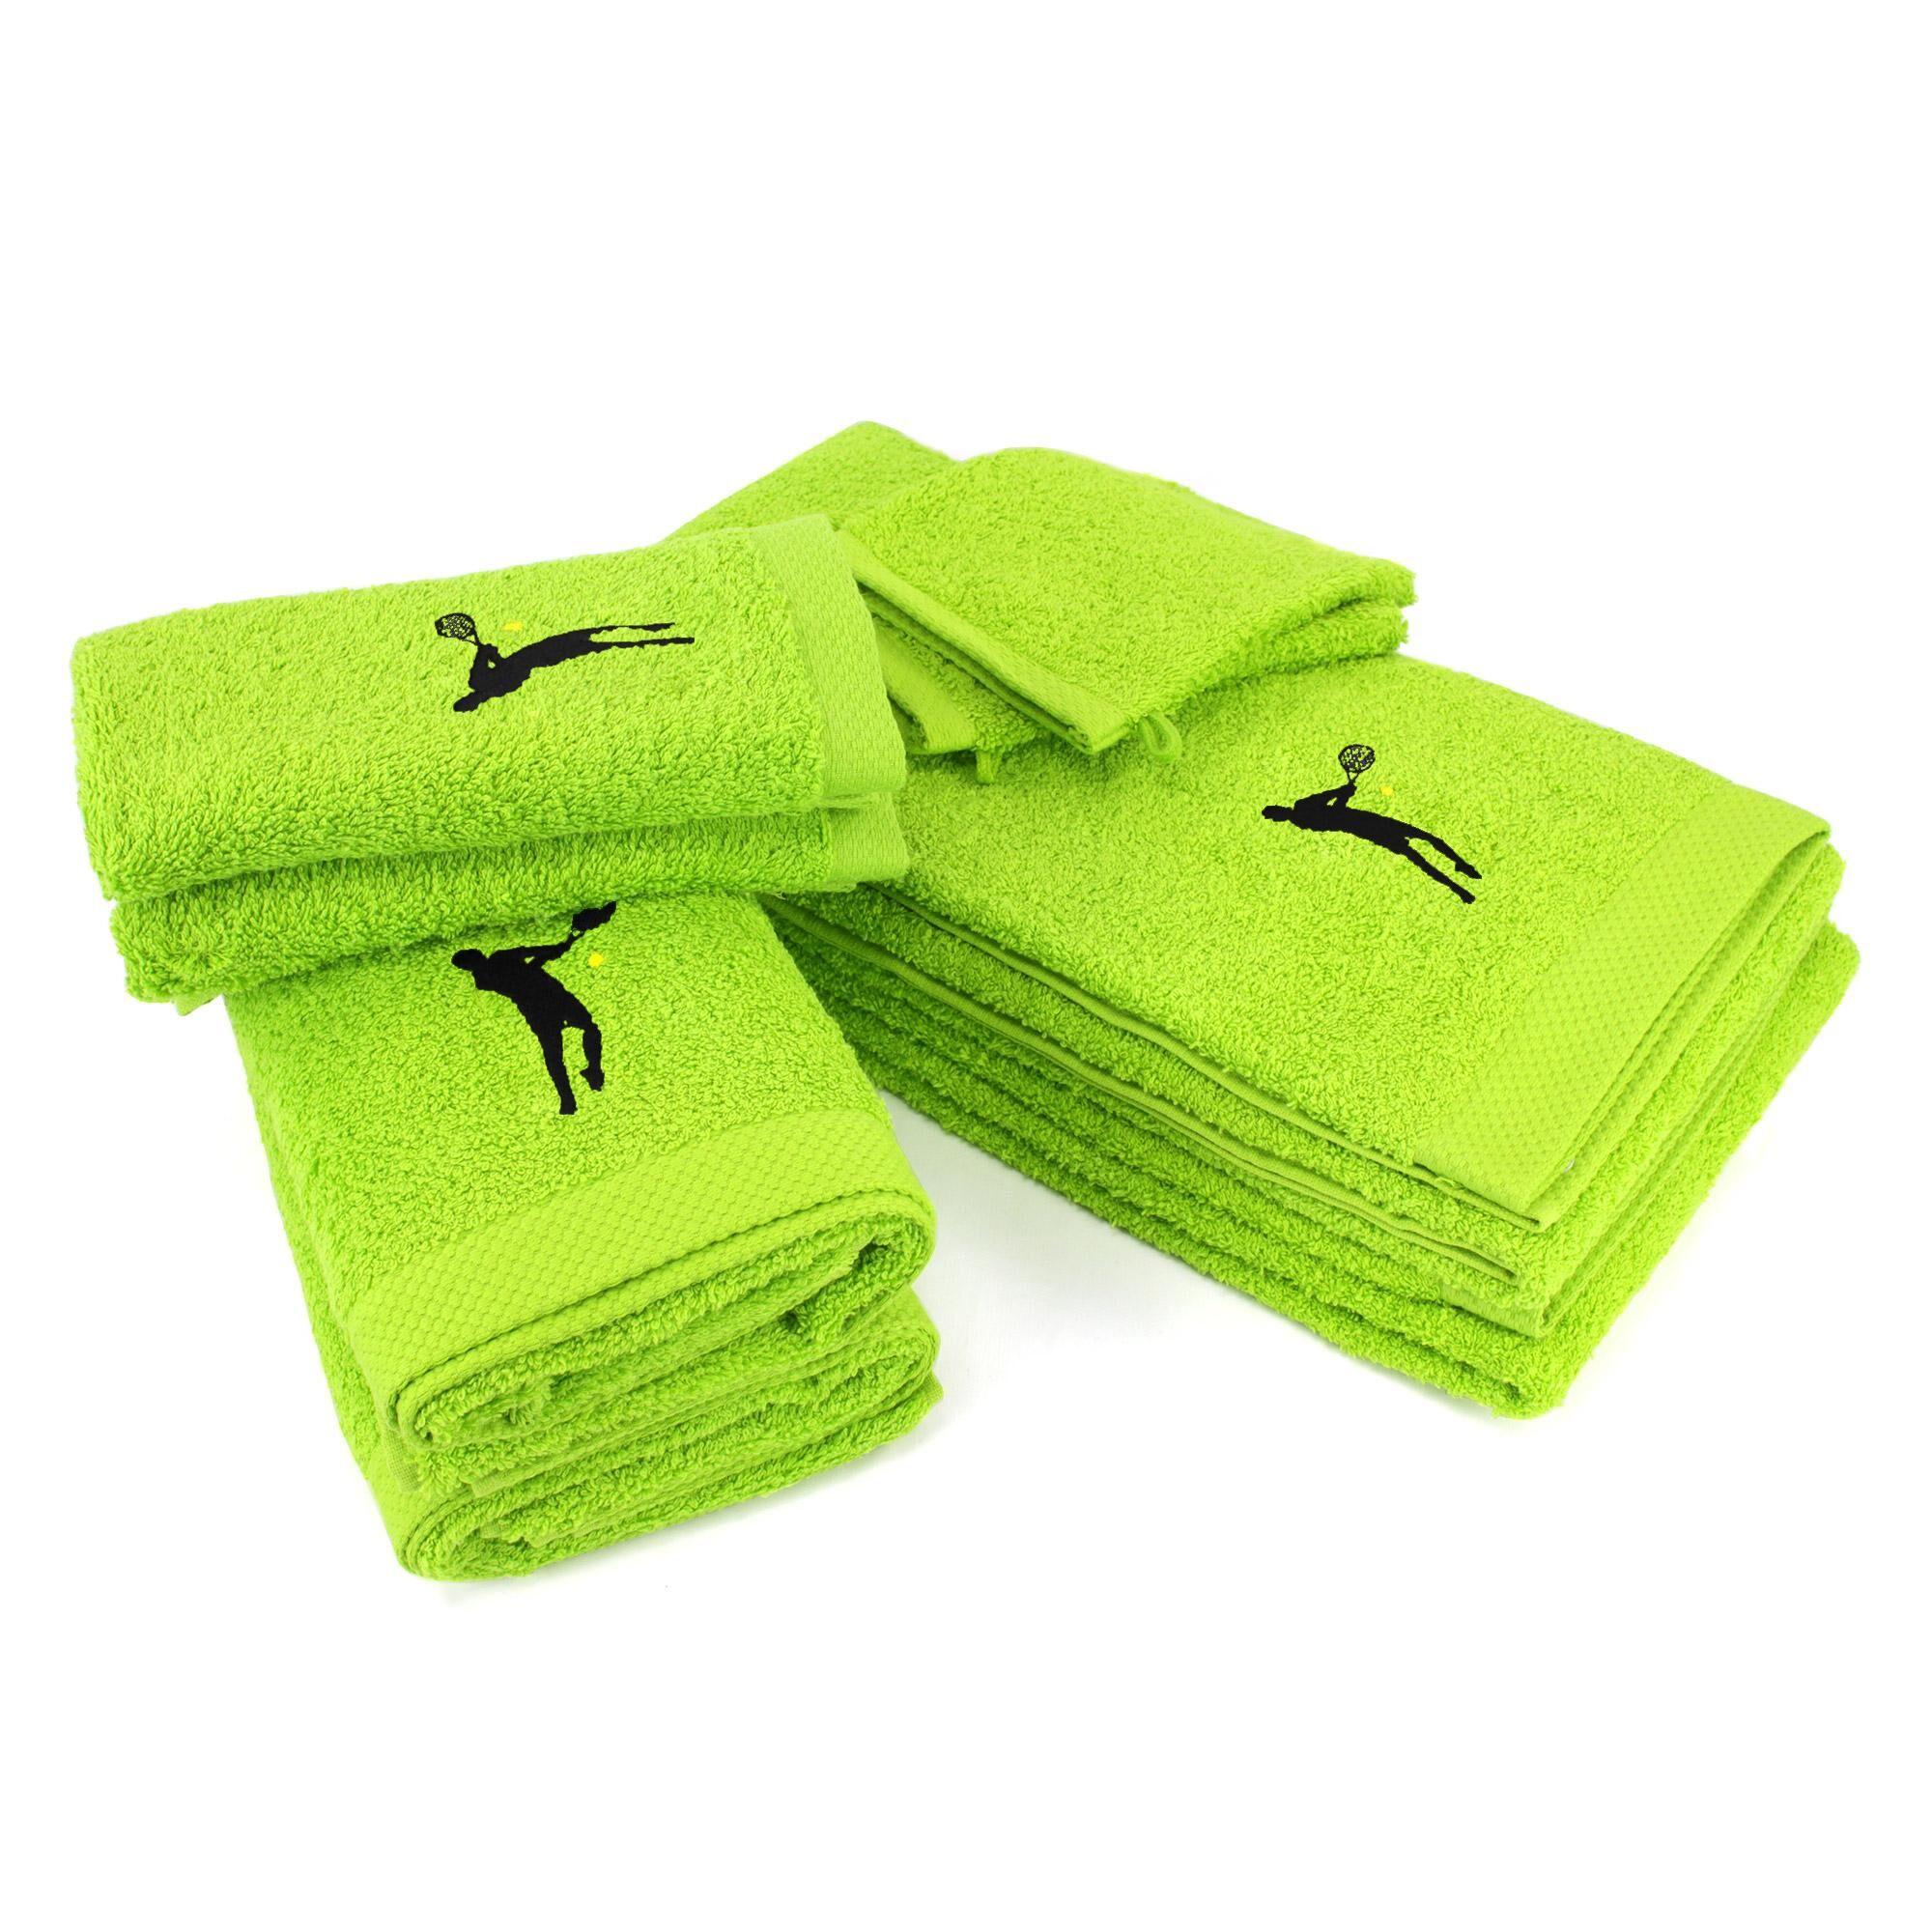 Linnea Parure de bain 8 pièces 100% coton 550 g/m2 PURE TENNIS Vert Pistache